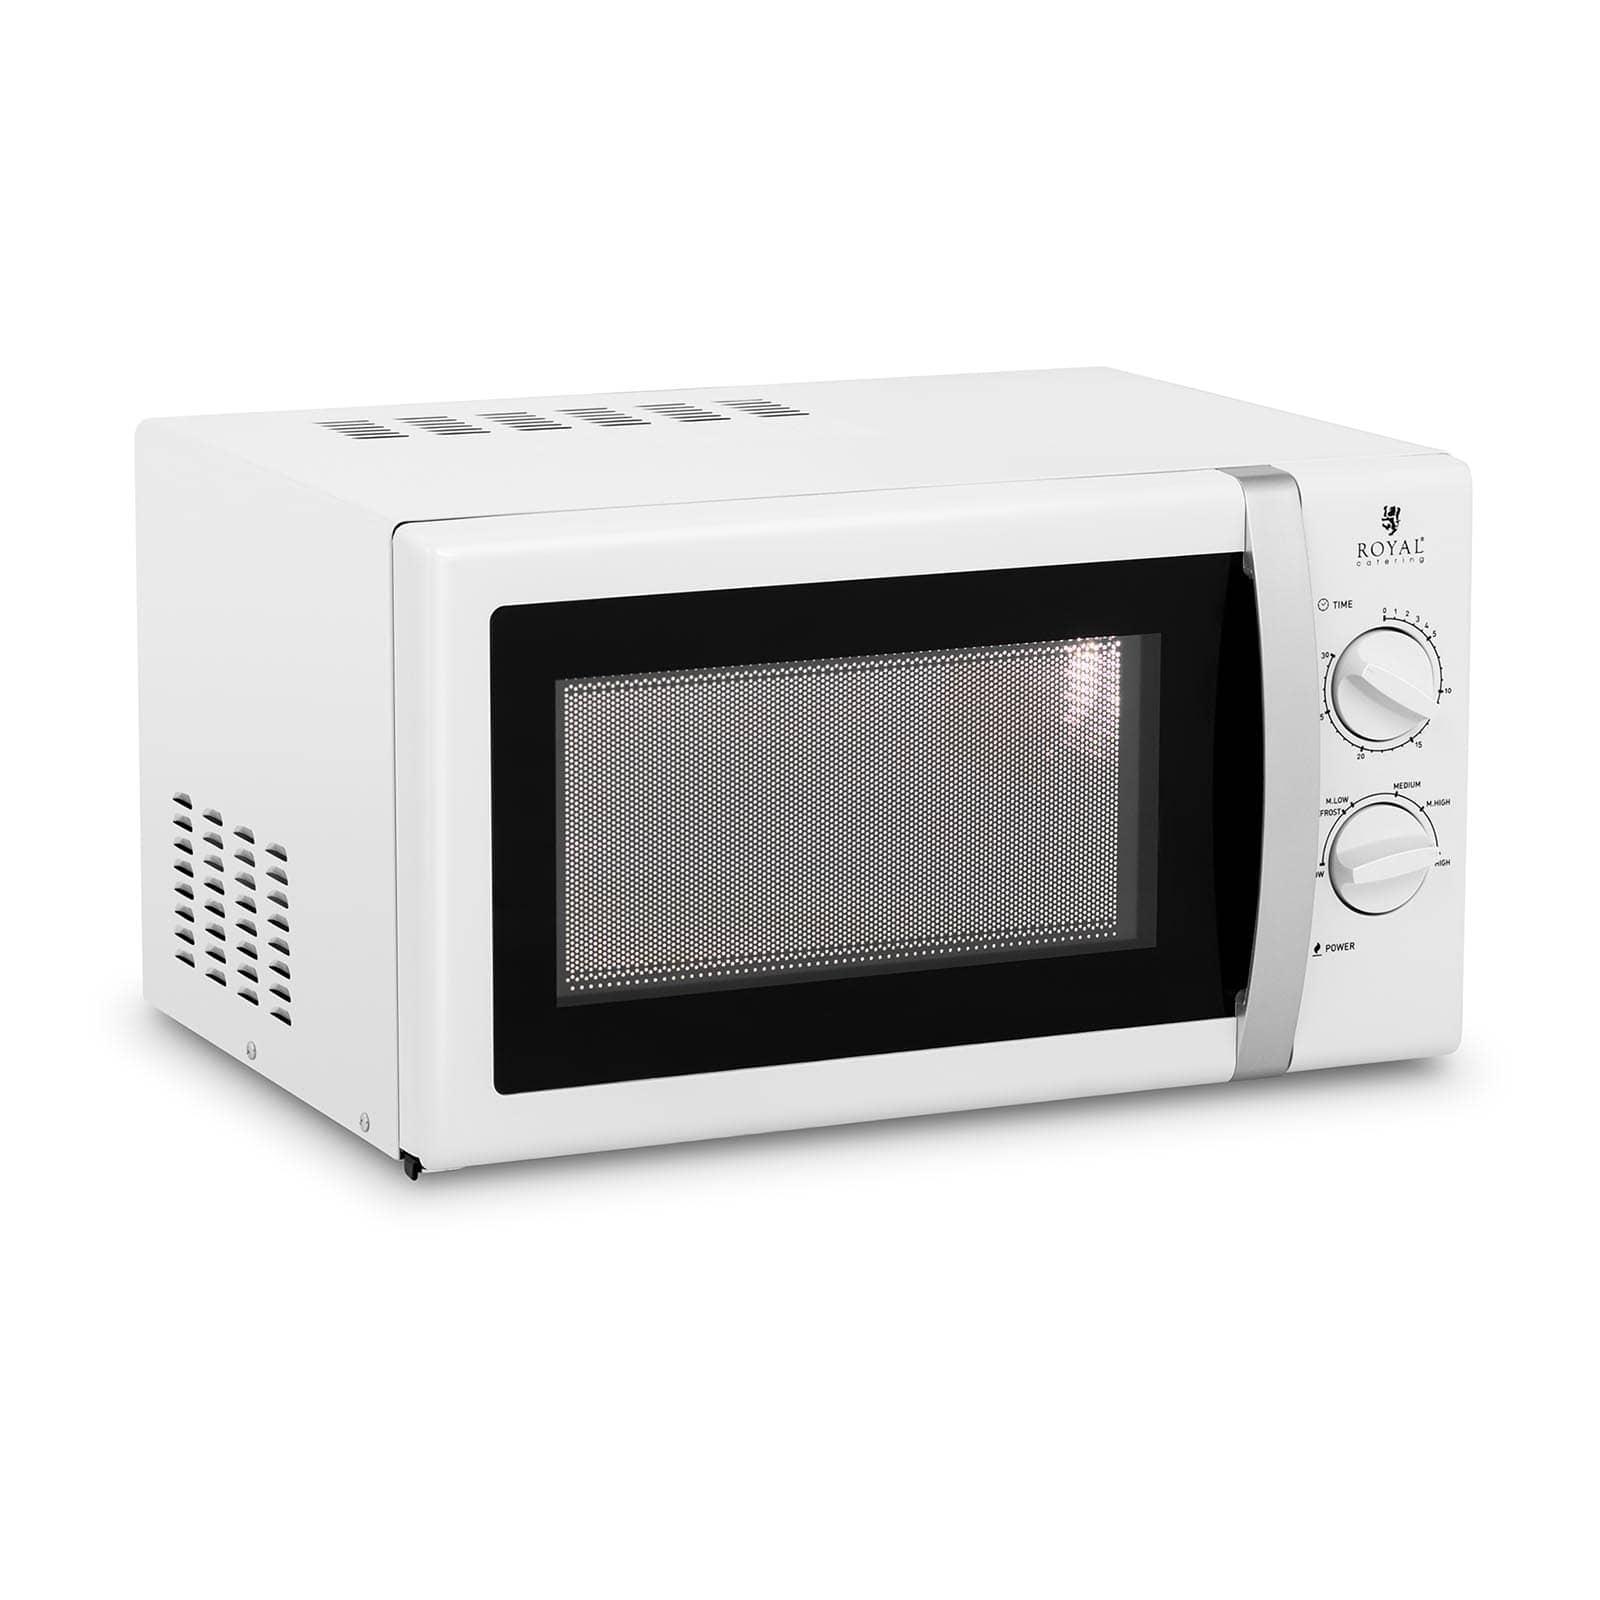 Micro-ondes professionnel